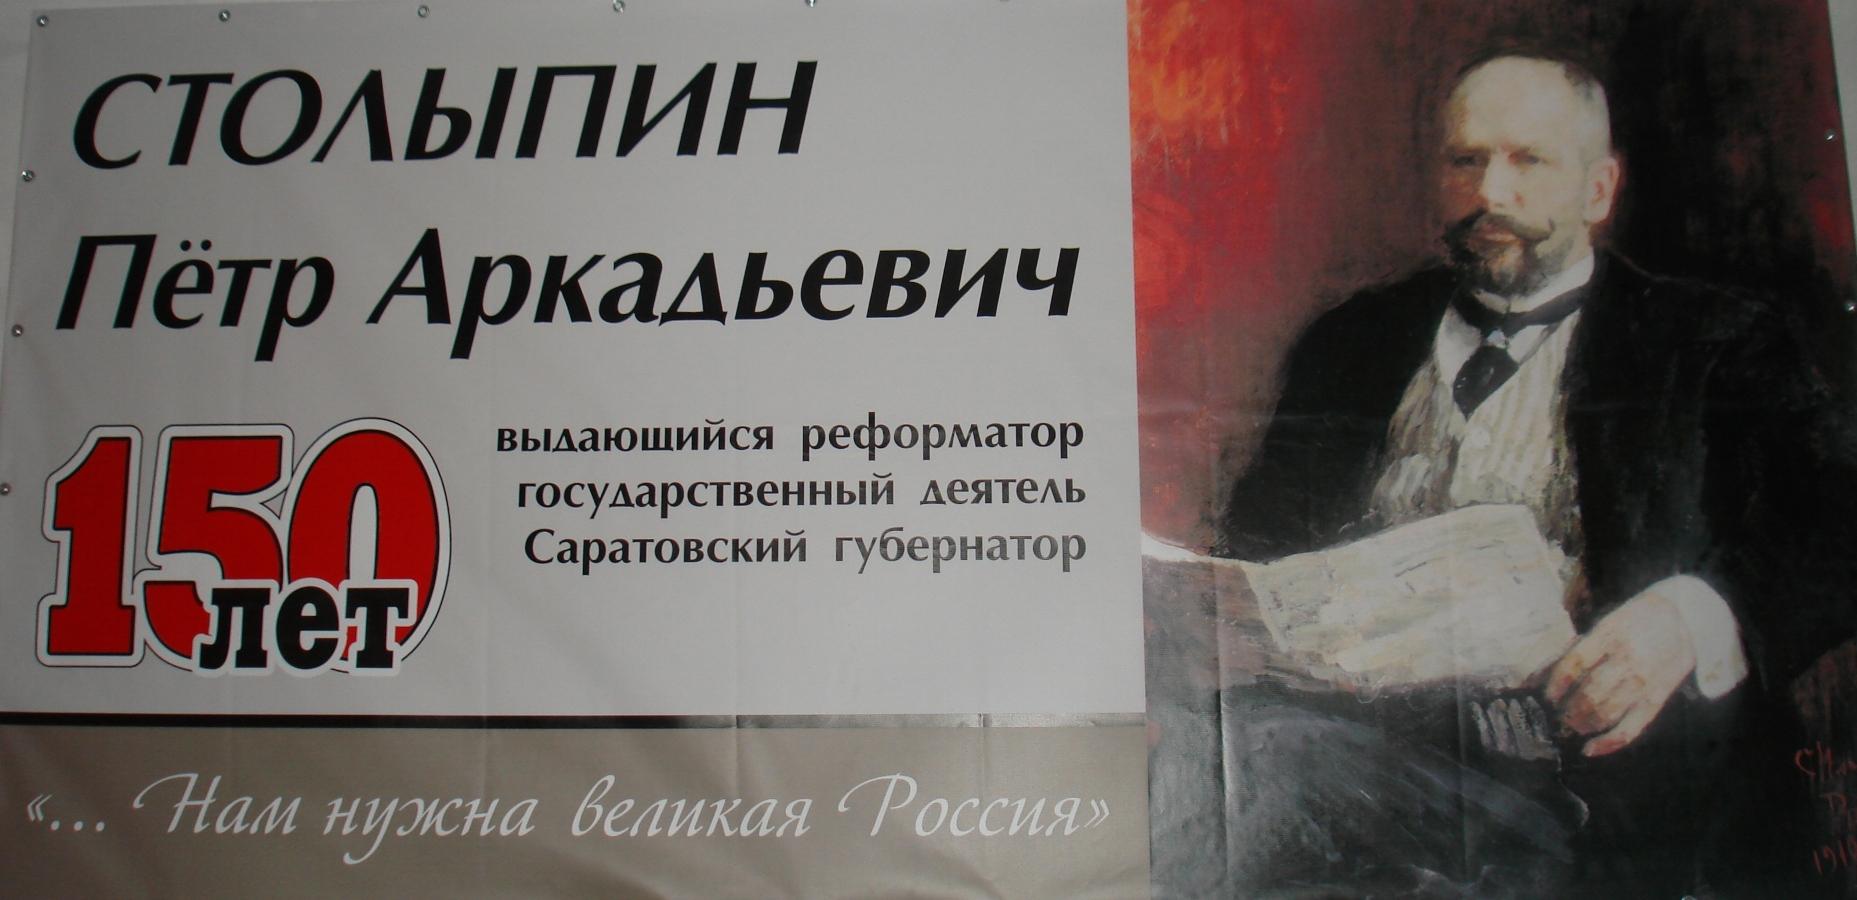 Столыпин петр аркадьевич цитаты